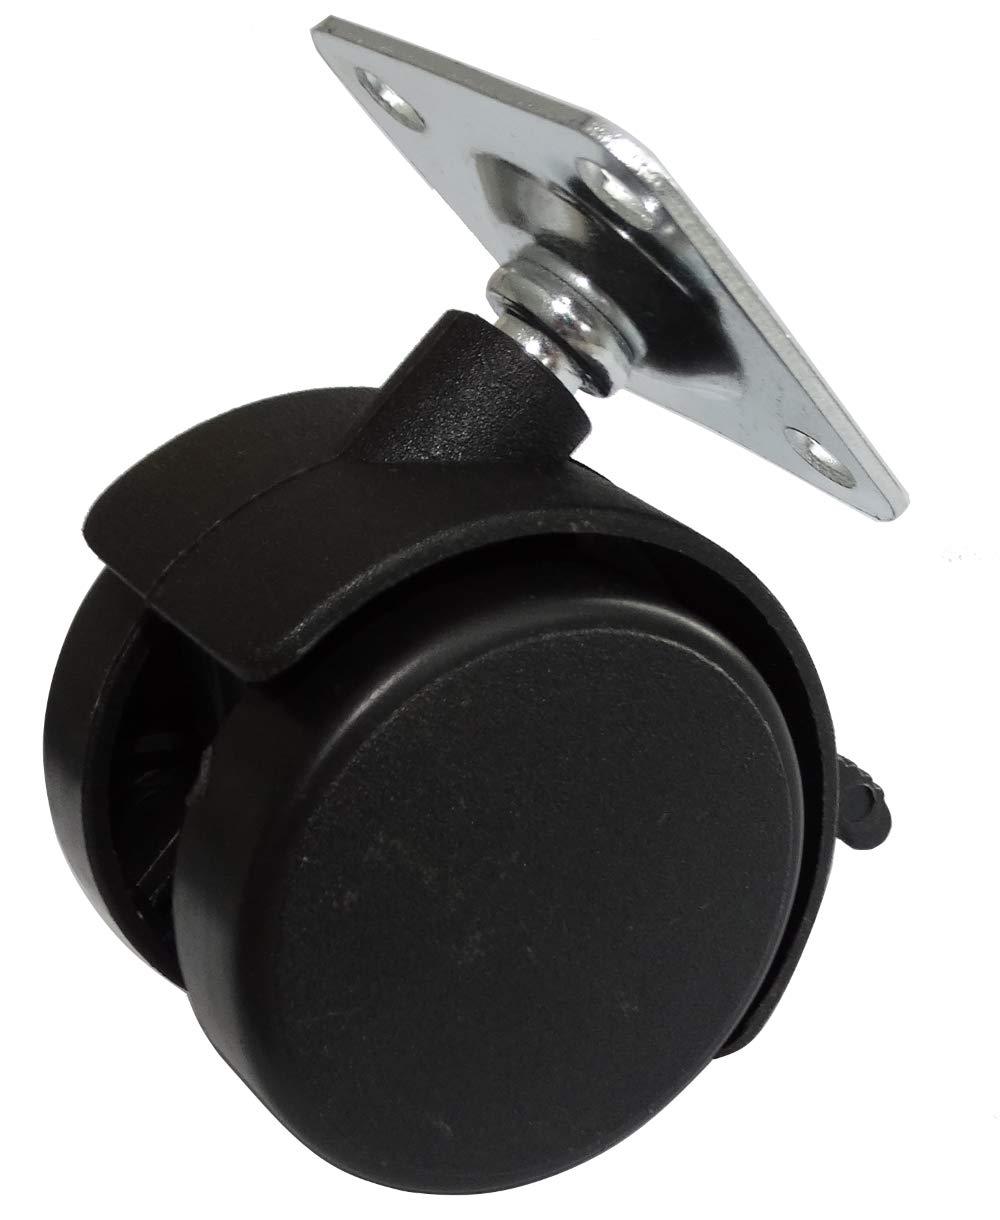 AERZETIX 4x Ruedas pivotantes para muebles con frenos bloqueo de rueda /Ø40mm H55mm 25kg placa de montaje 38x38mm C42662